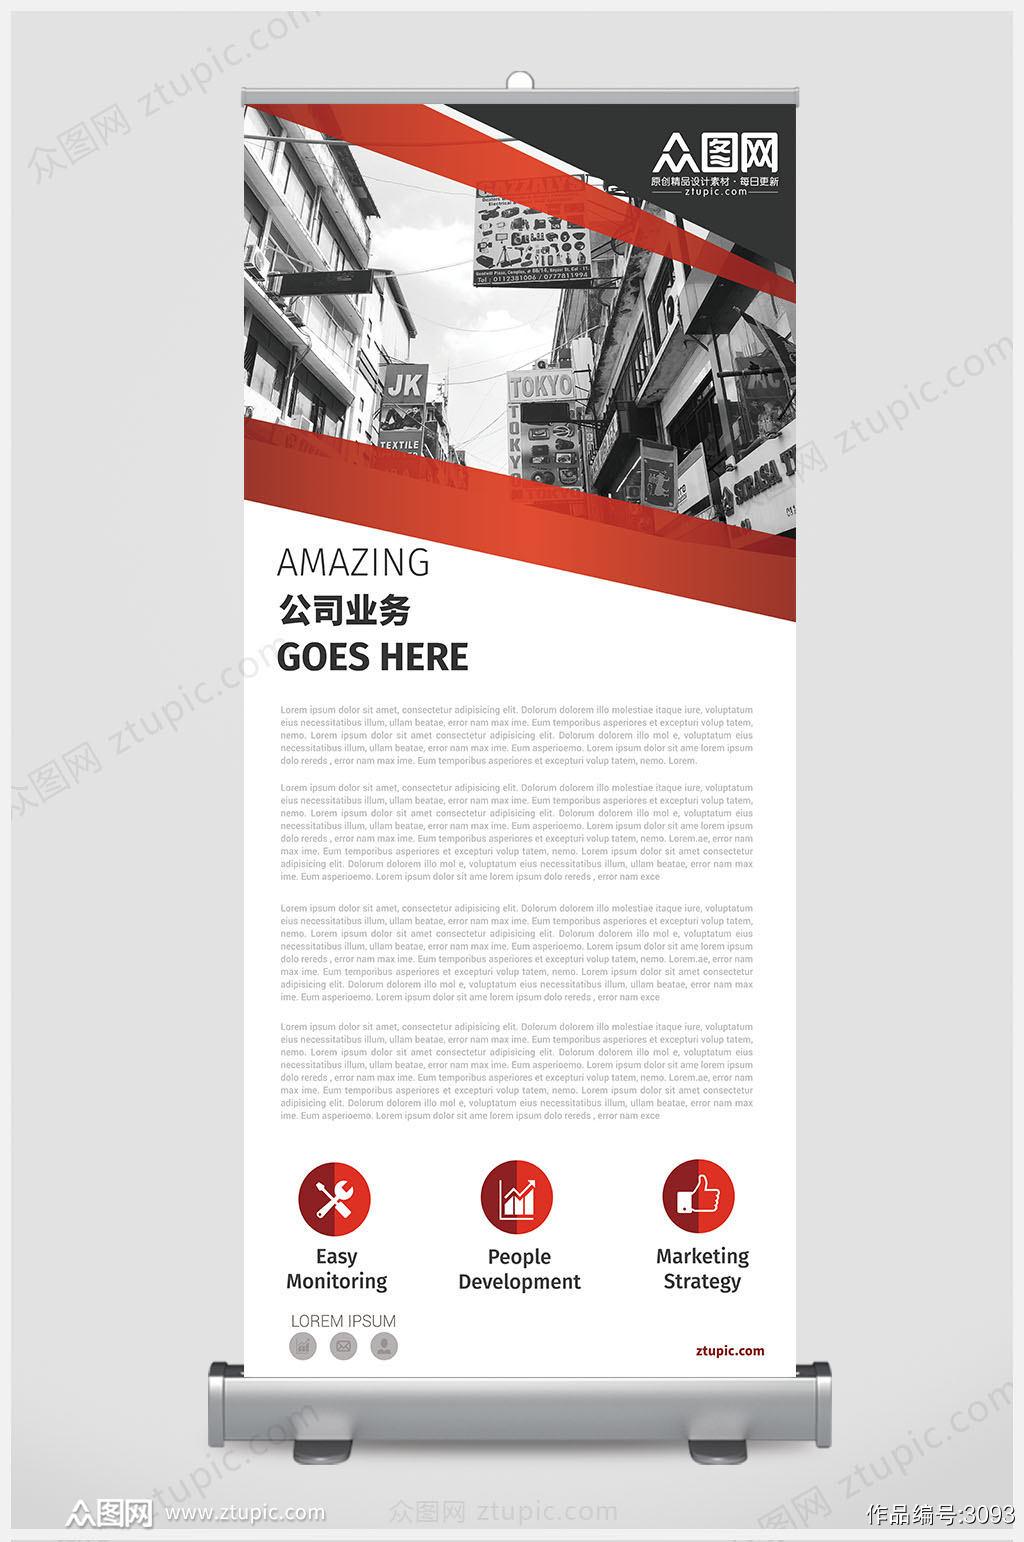 红色简约商务风企业文化公司简介易拉宝展架素材